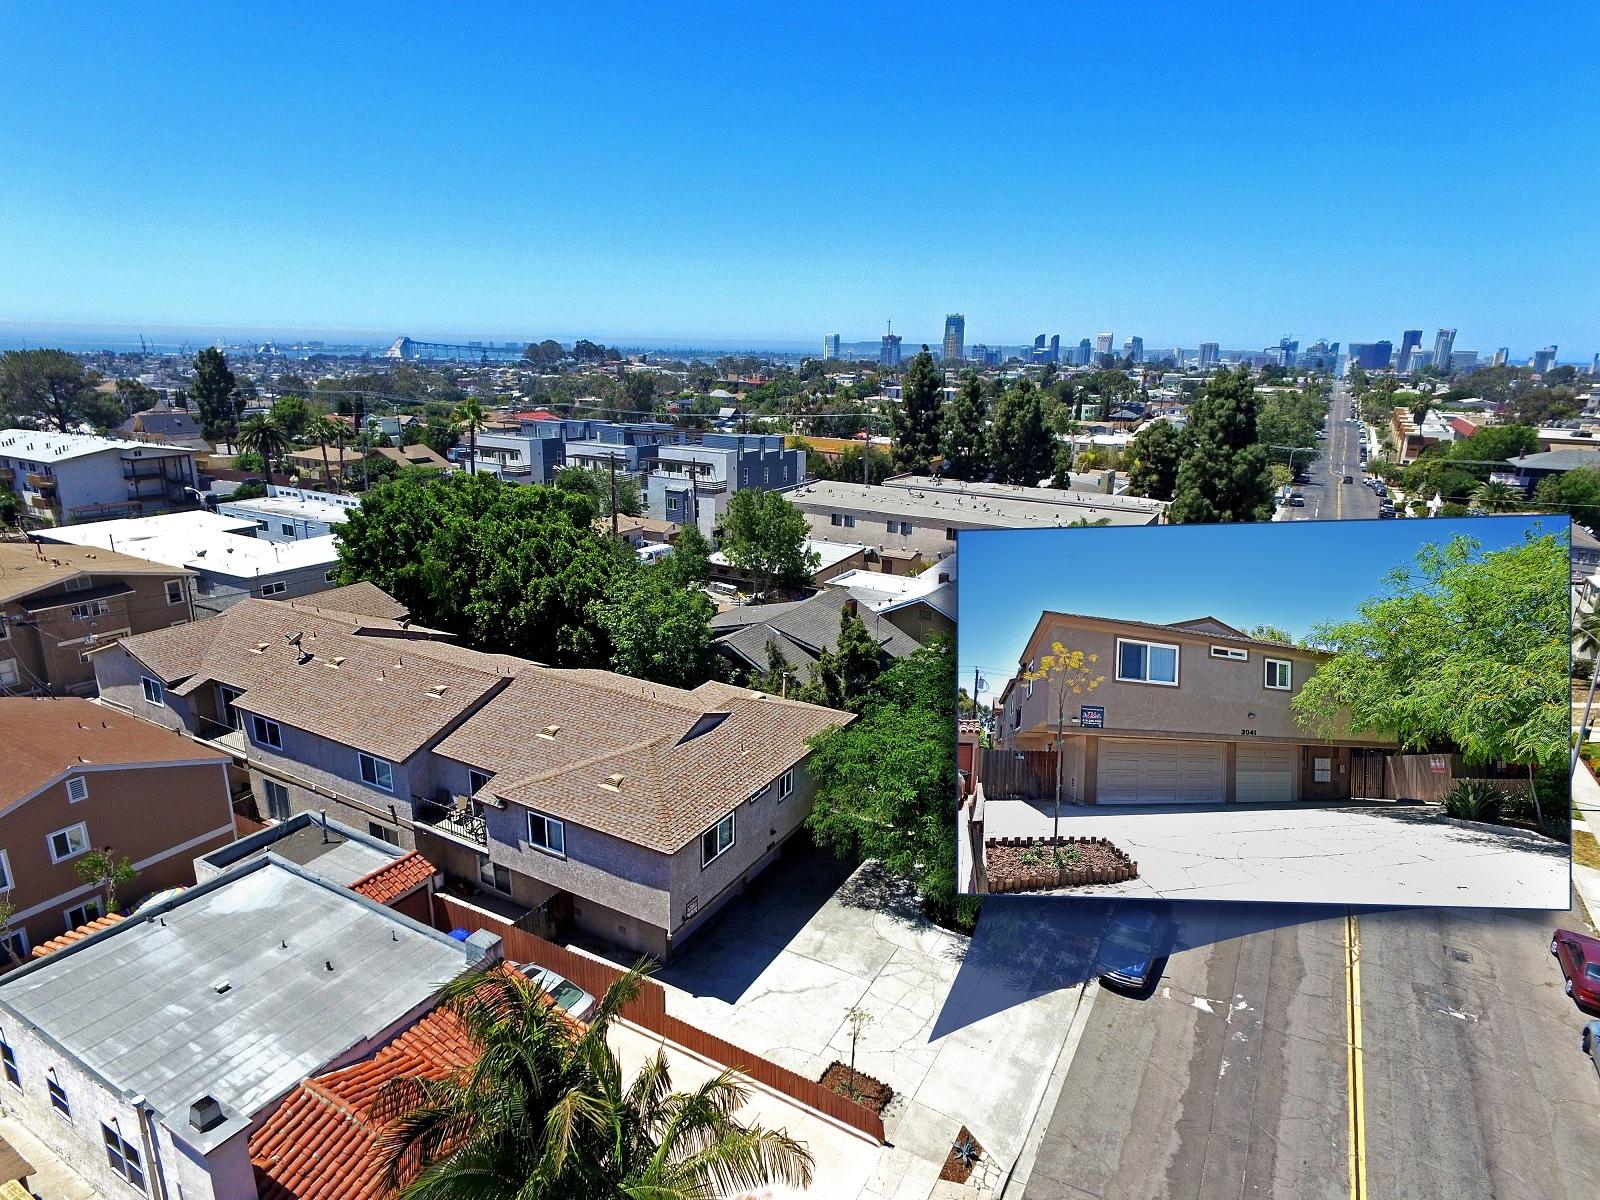 3041 C Street - Golden Hill10 units$2,000,000